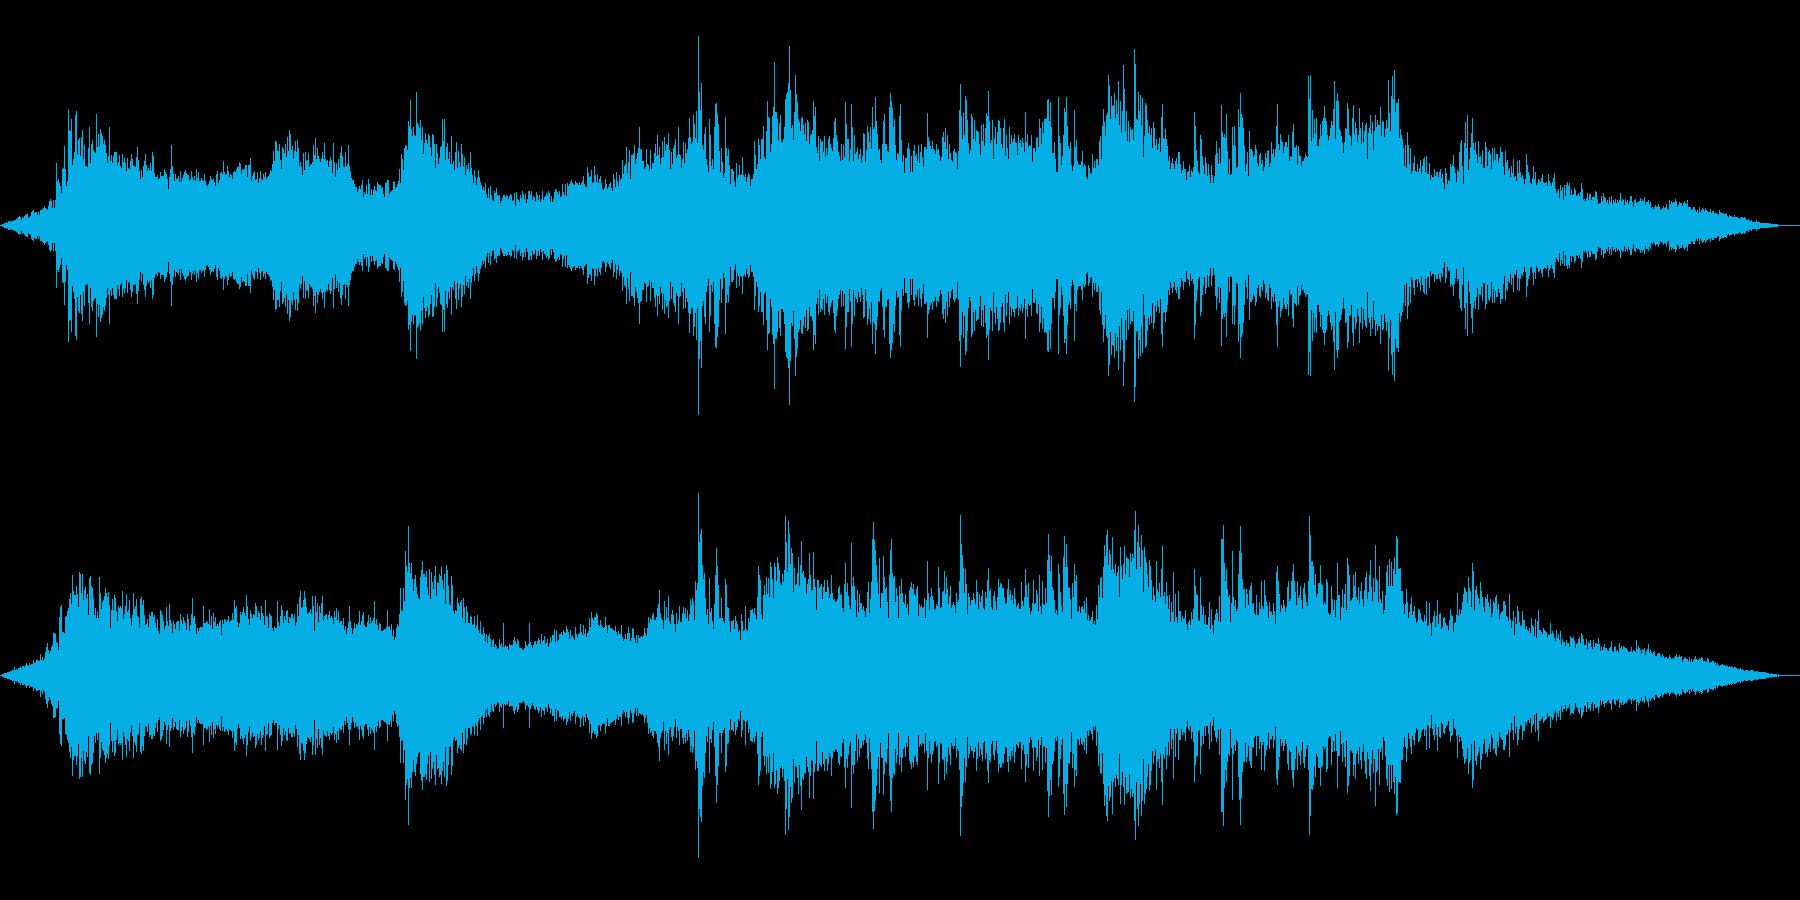 ホラー/アンビエント暗闇をイメージした曲の再生済みの波形